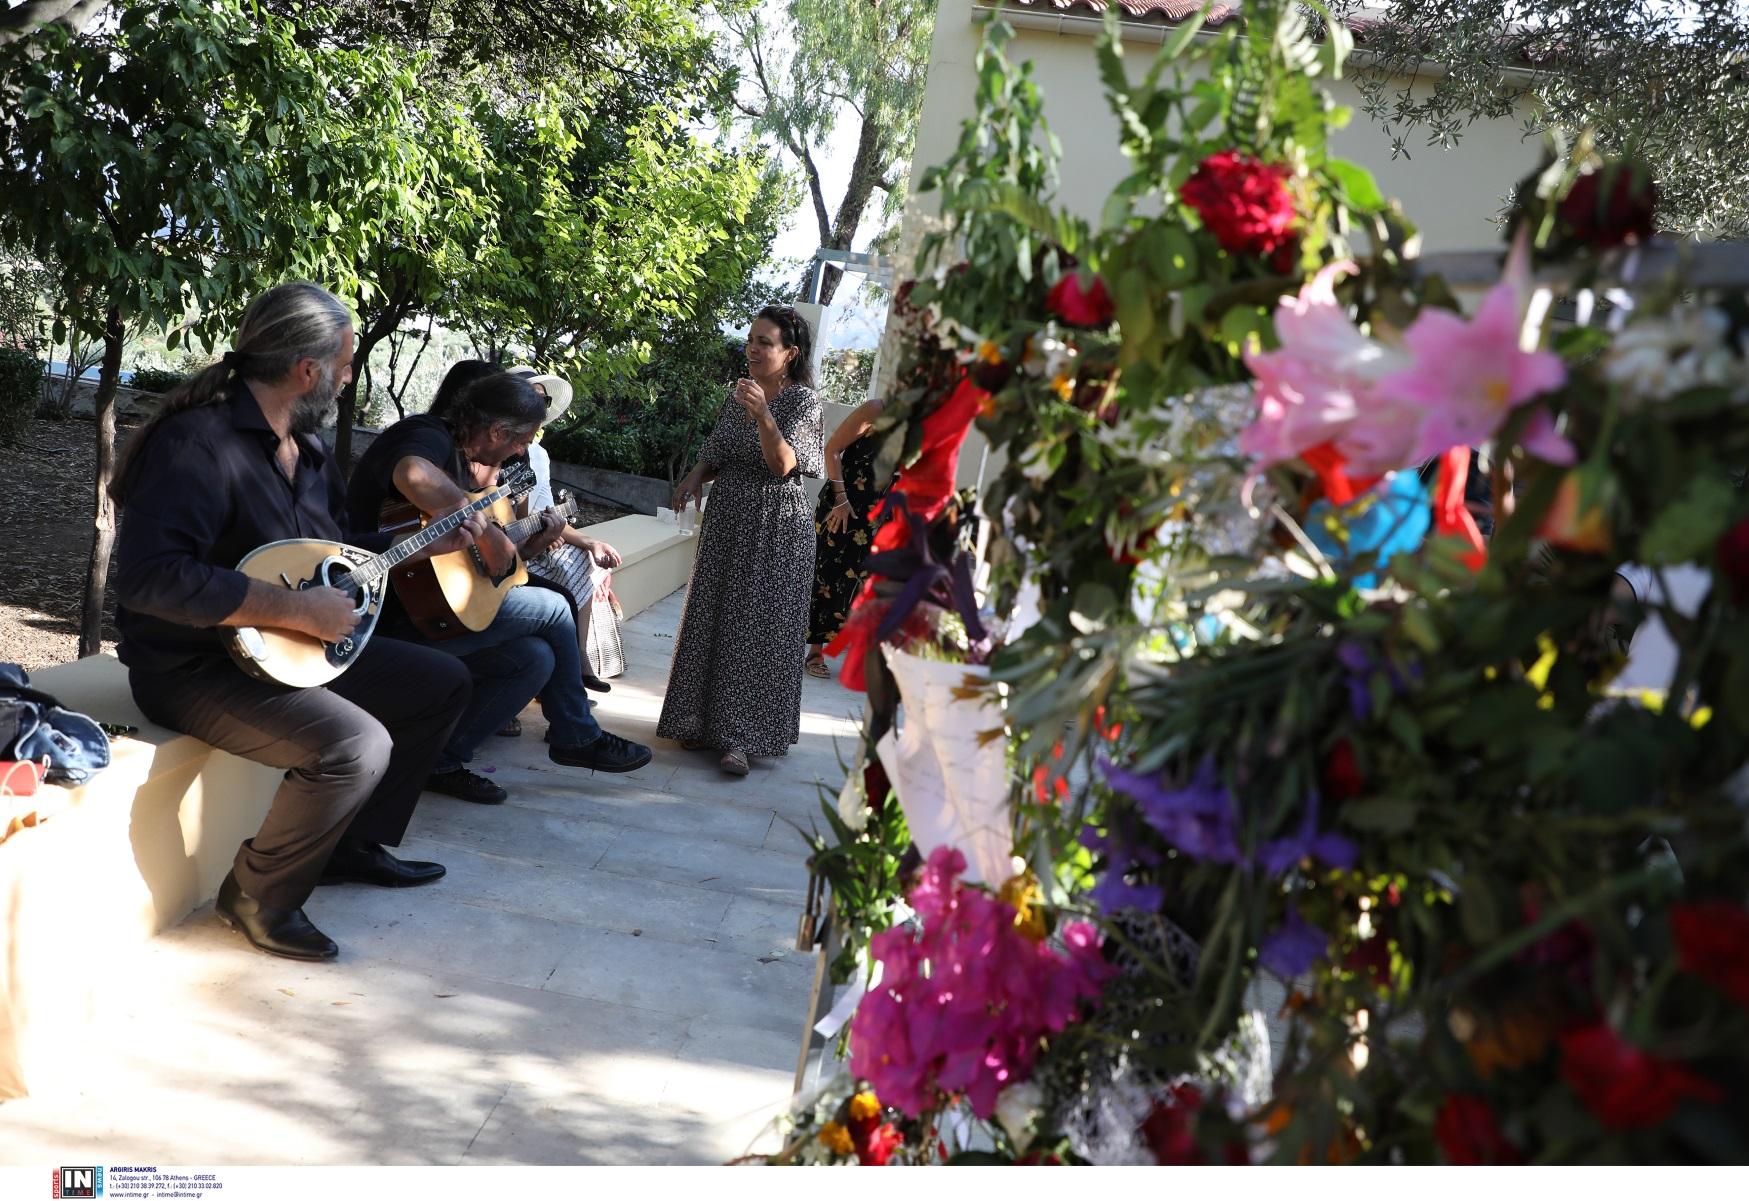 Μίκης Θεοδωράκης: Μουσικές, λουλούδια και κεράσματα στο πατρικό – Δείτε φωτογραφίες